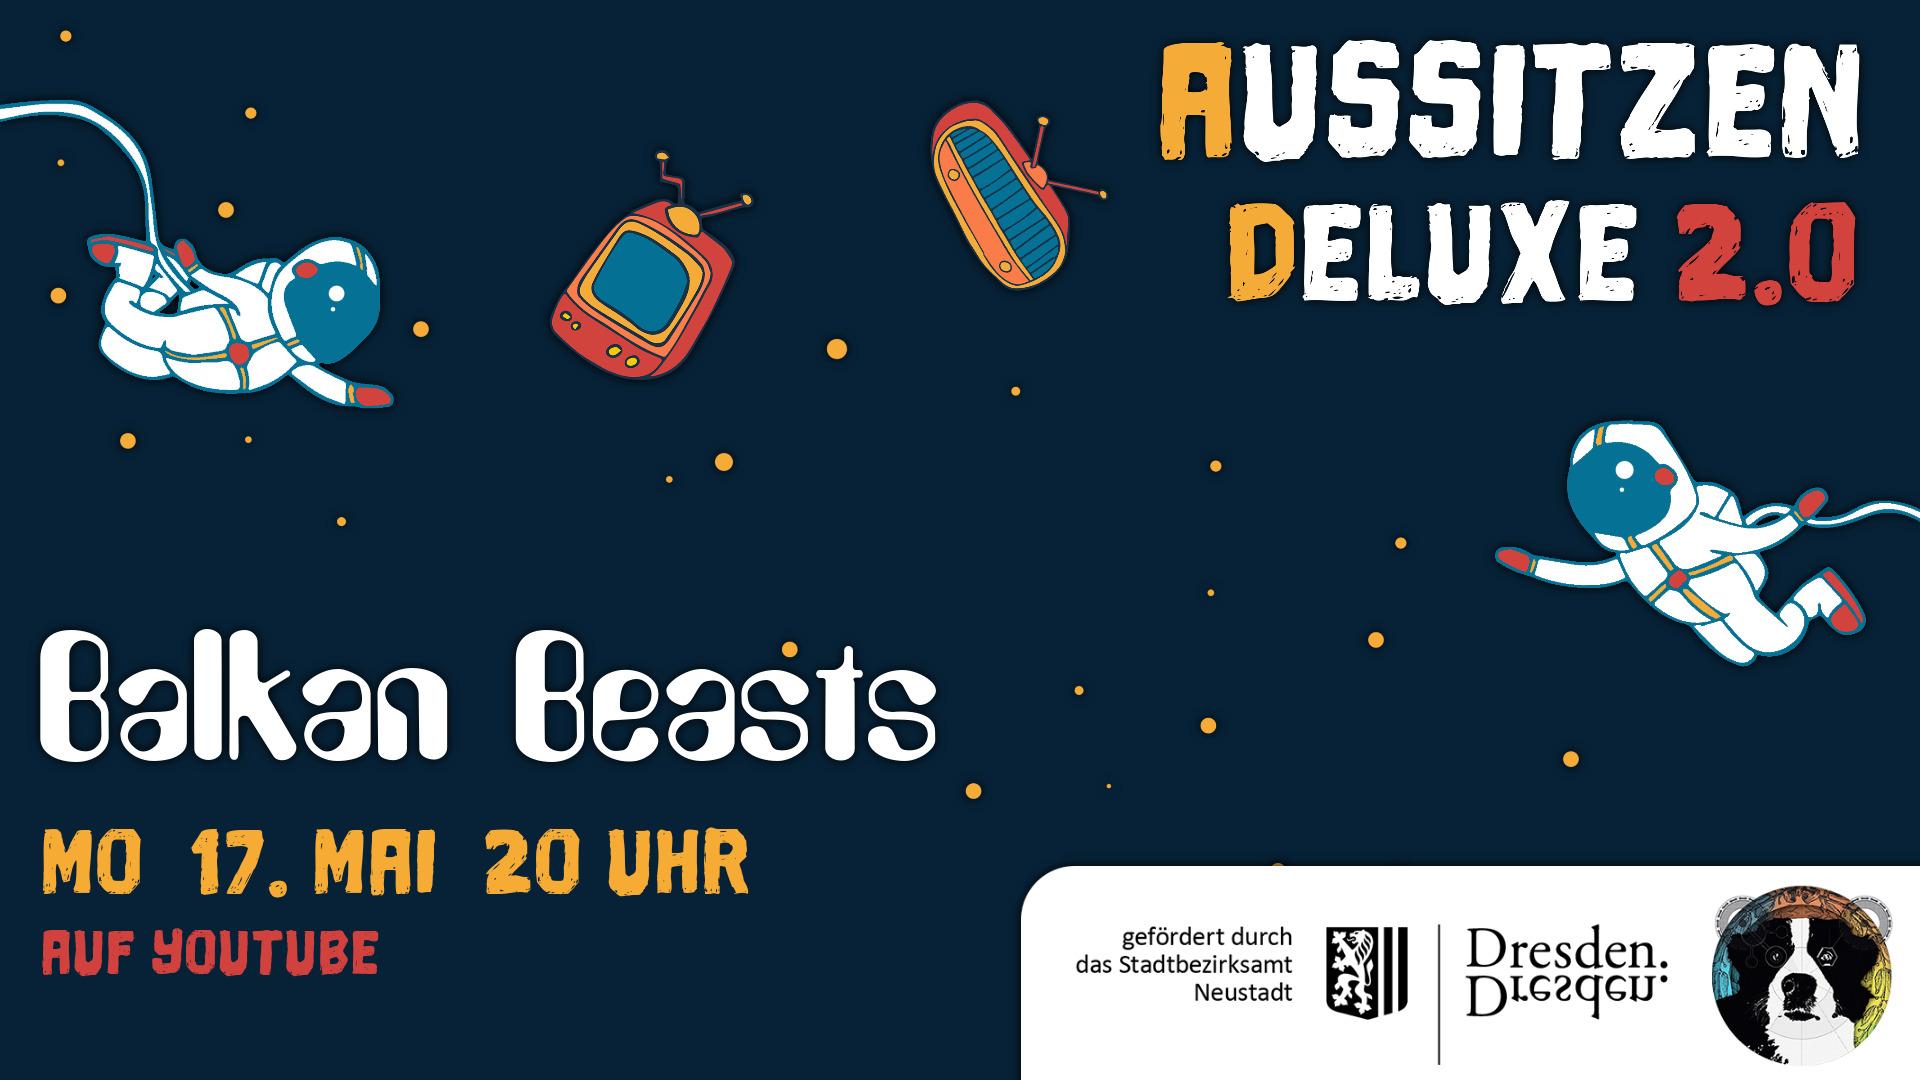 Aussitzen Deluxe 2.0 - Balkan Beasts